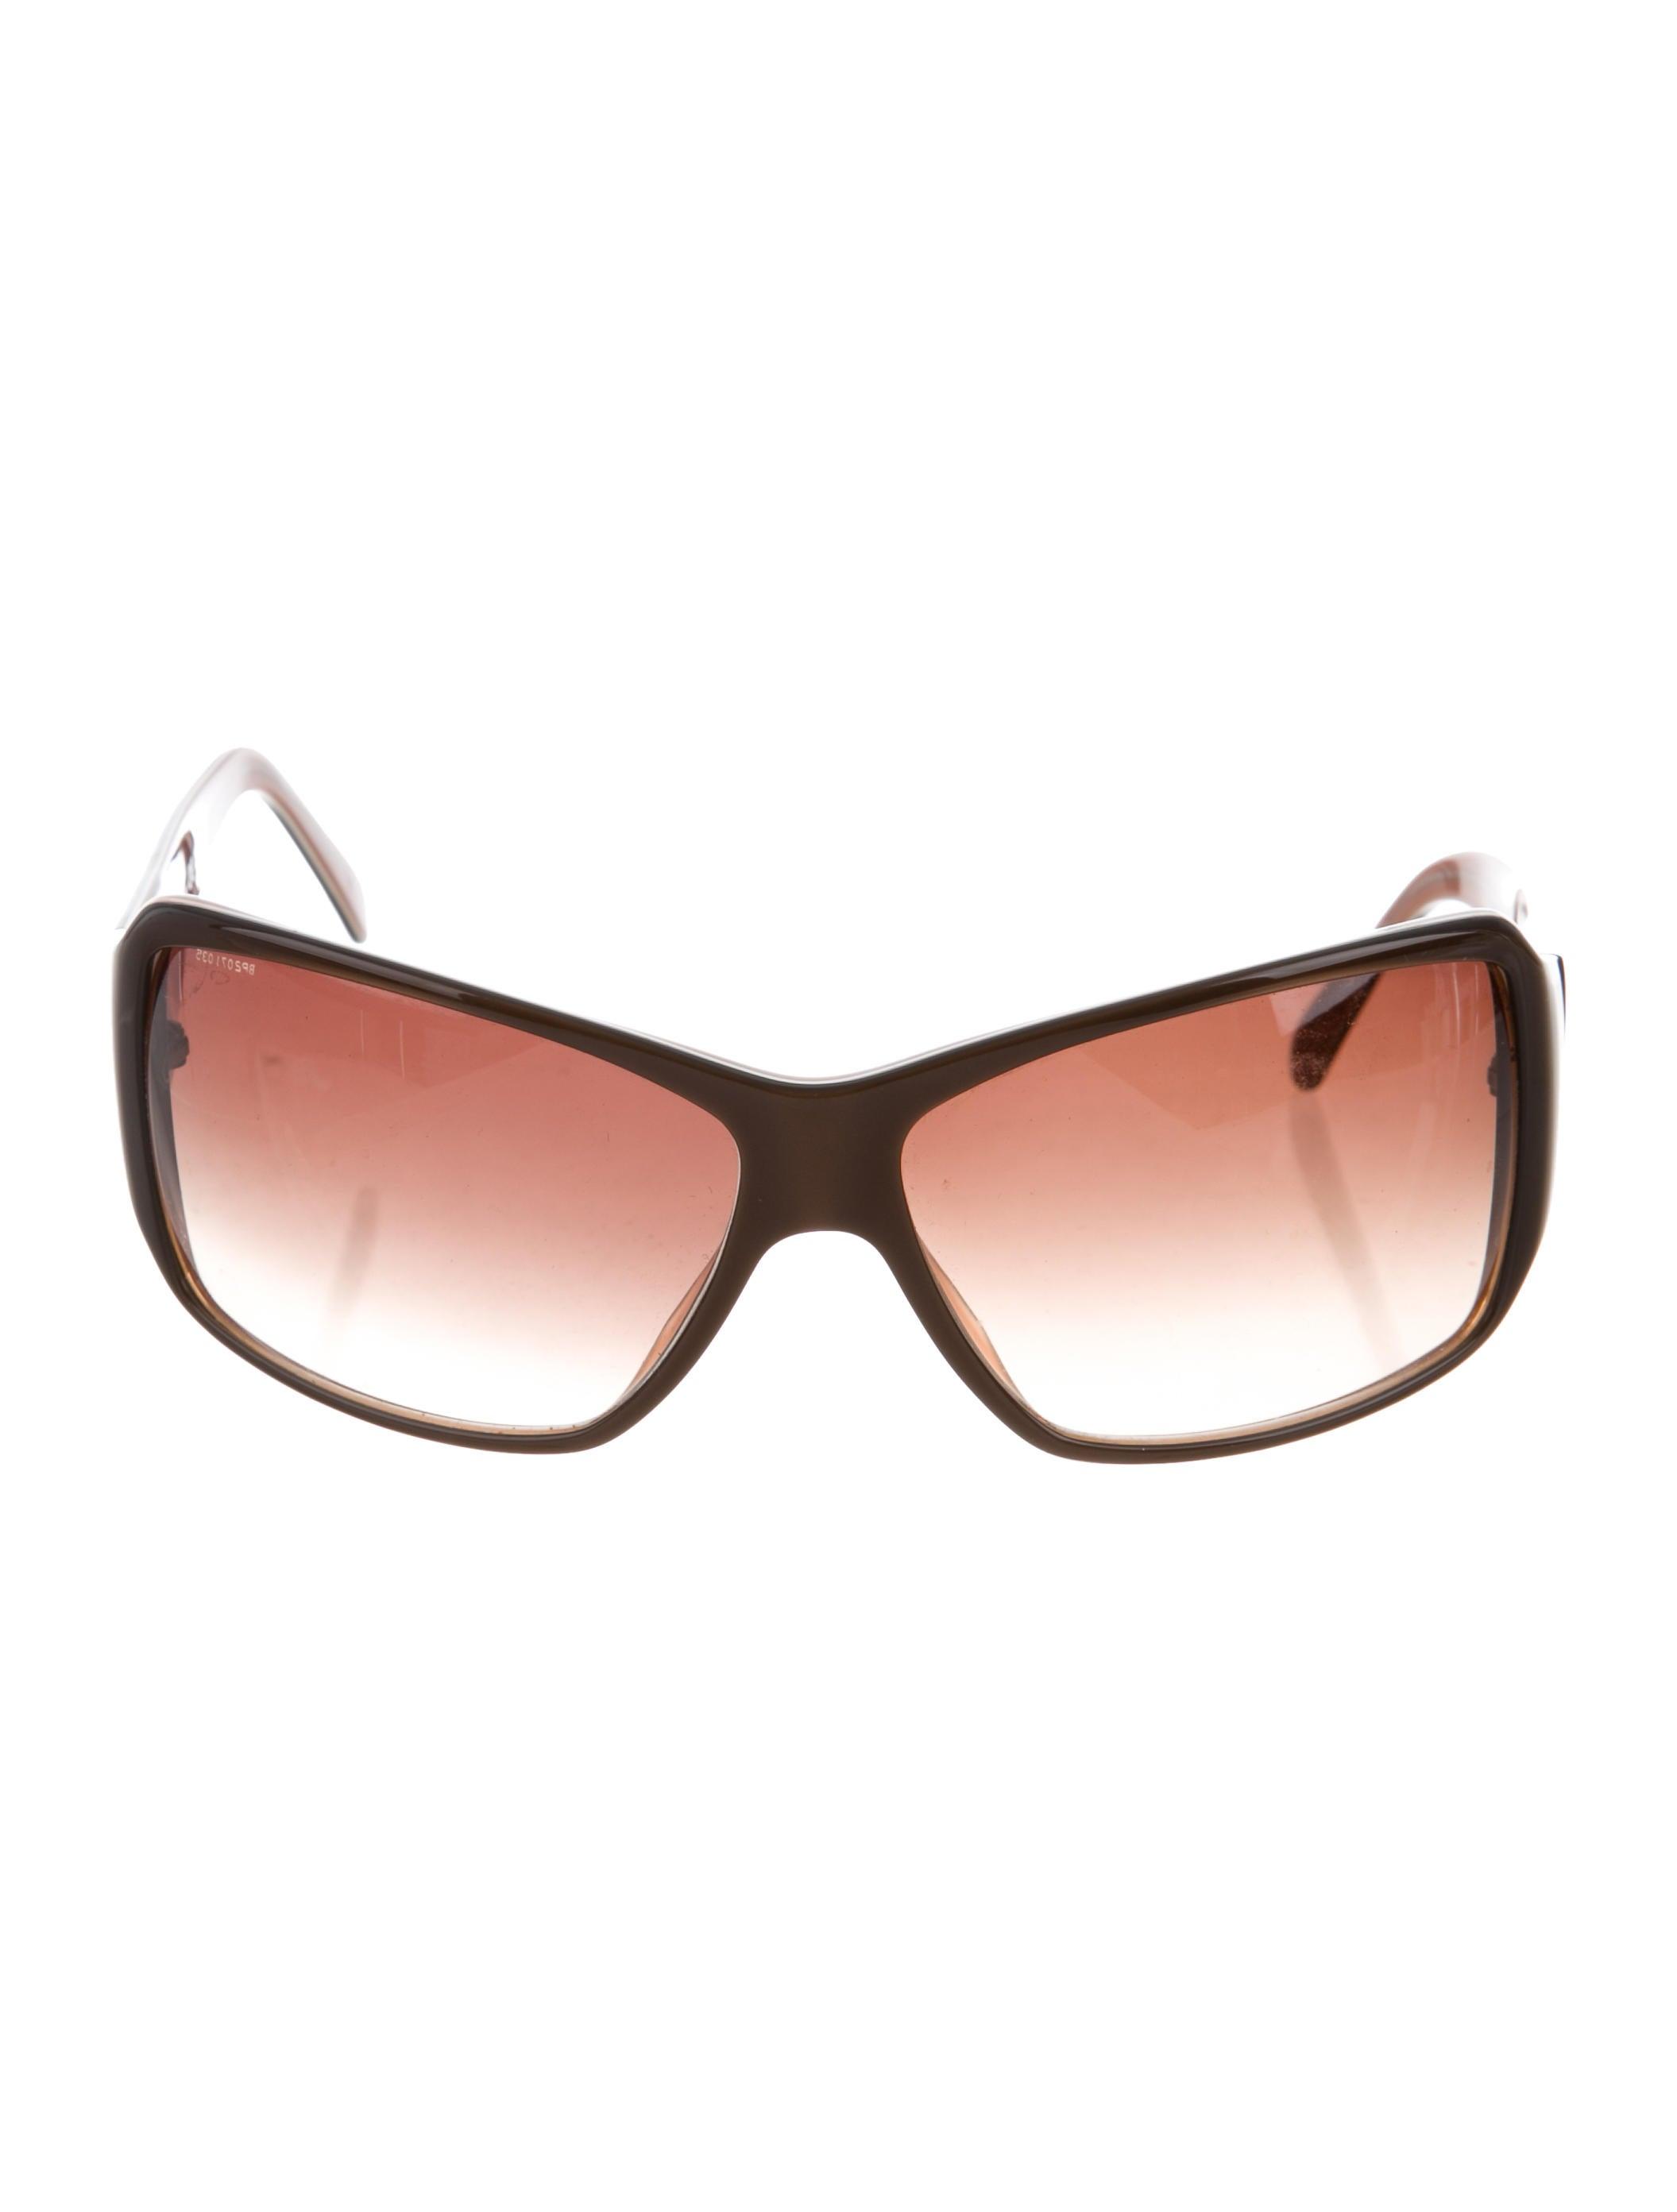 6612c998fd66 Prada Logo Square Sunglasses - Accessories - PRA192938